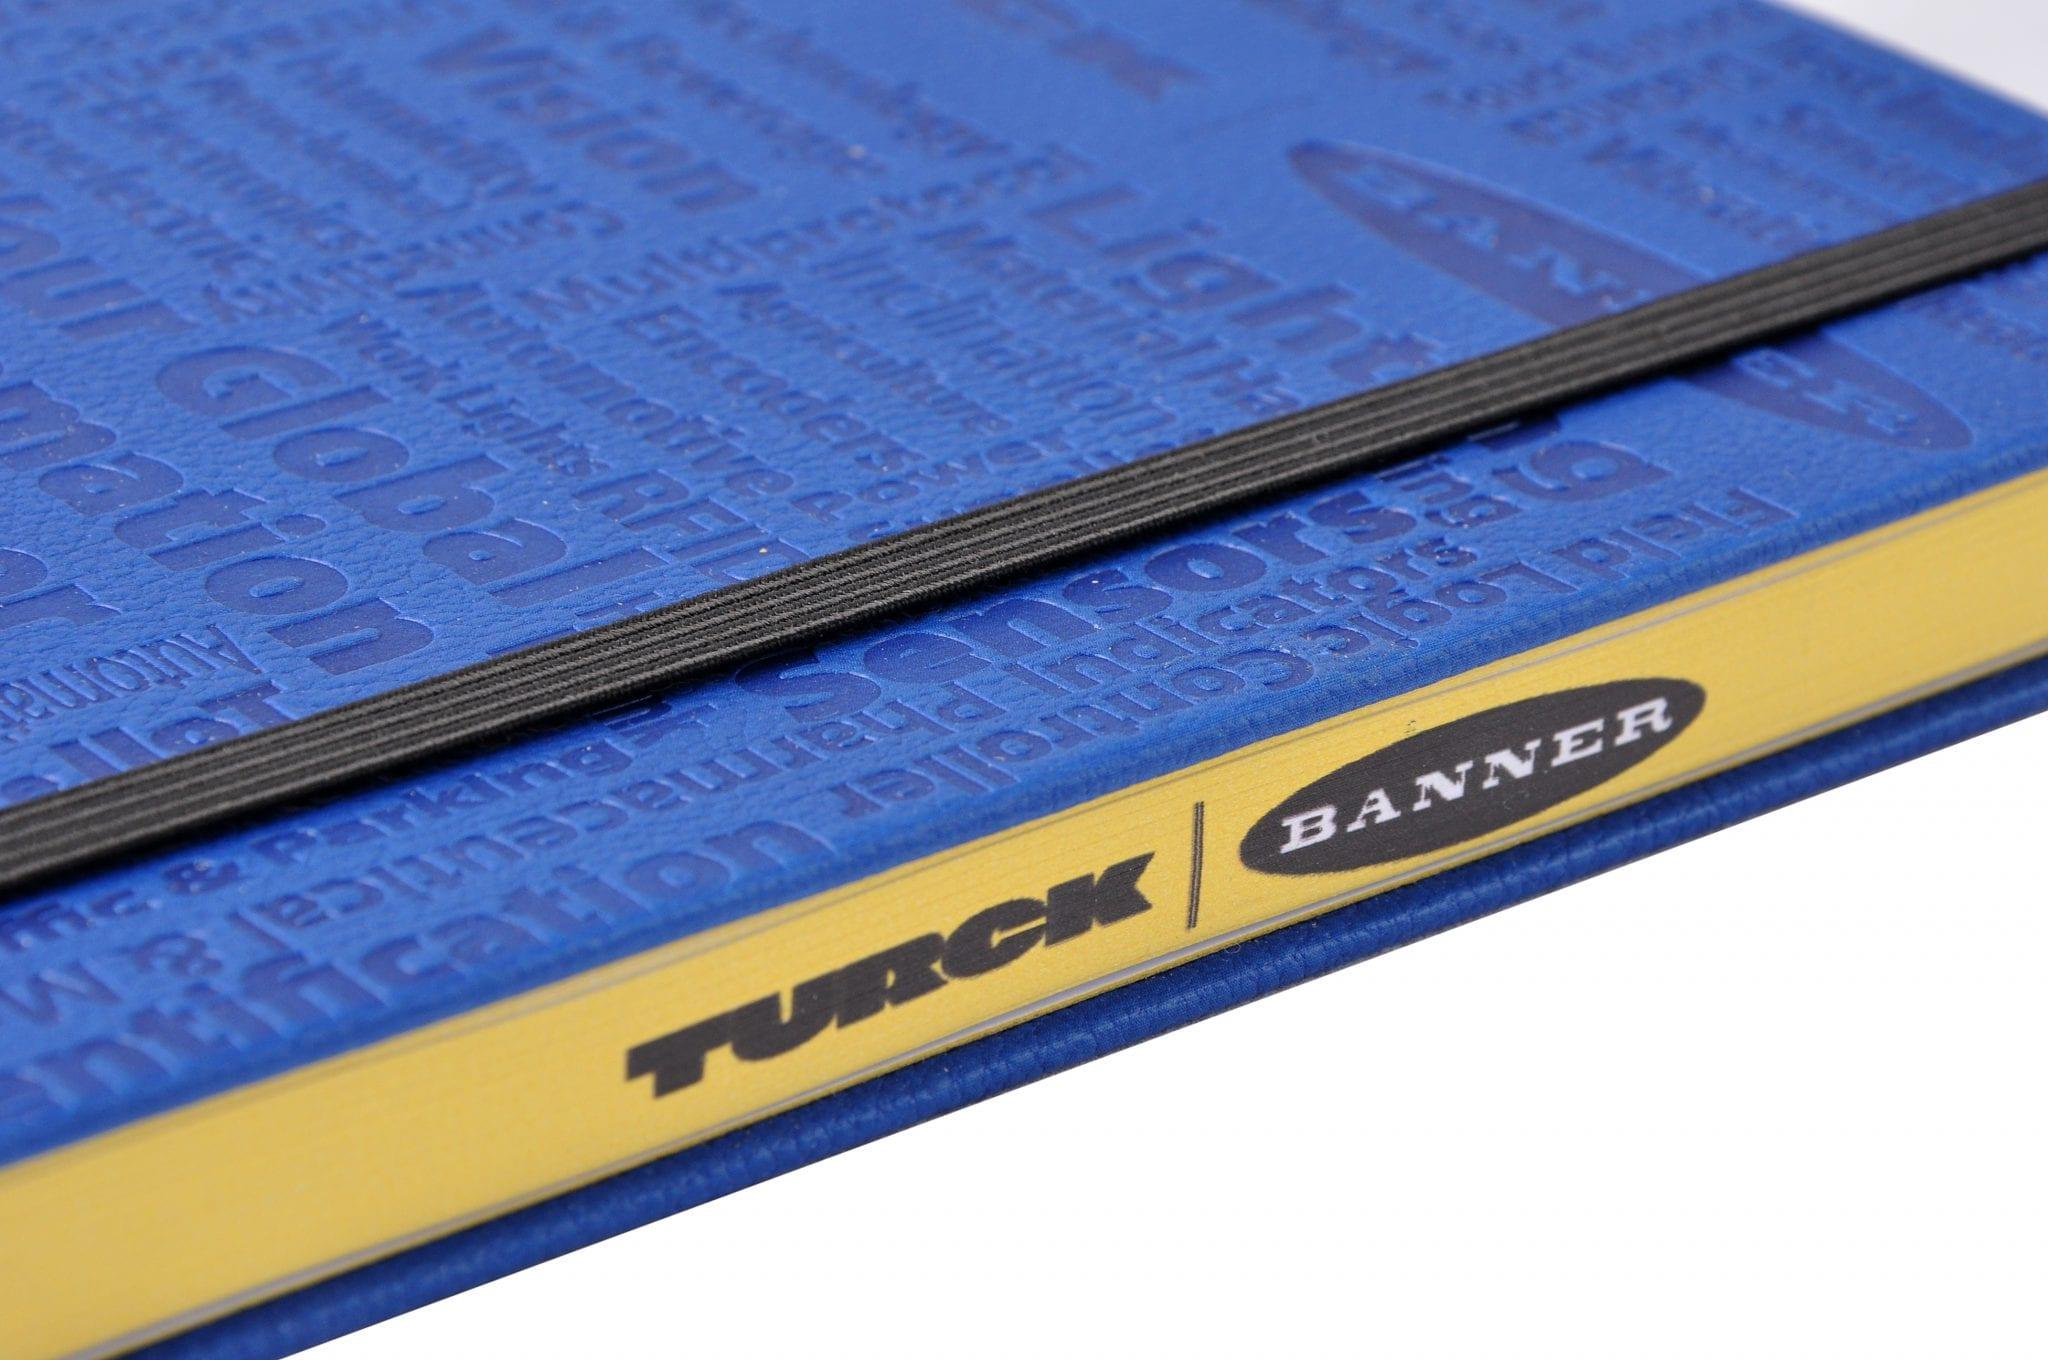 Printed paper edge